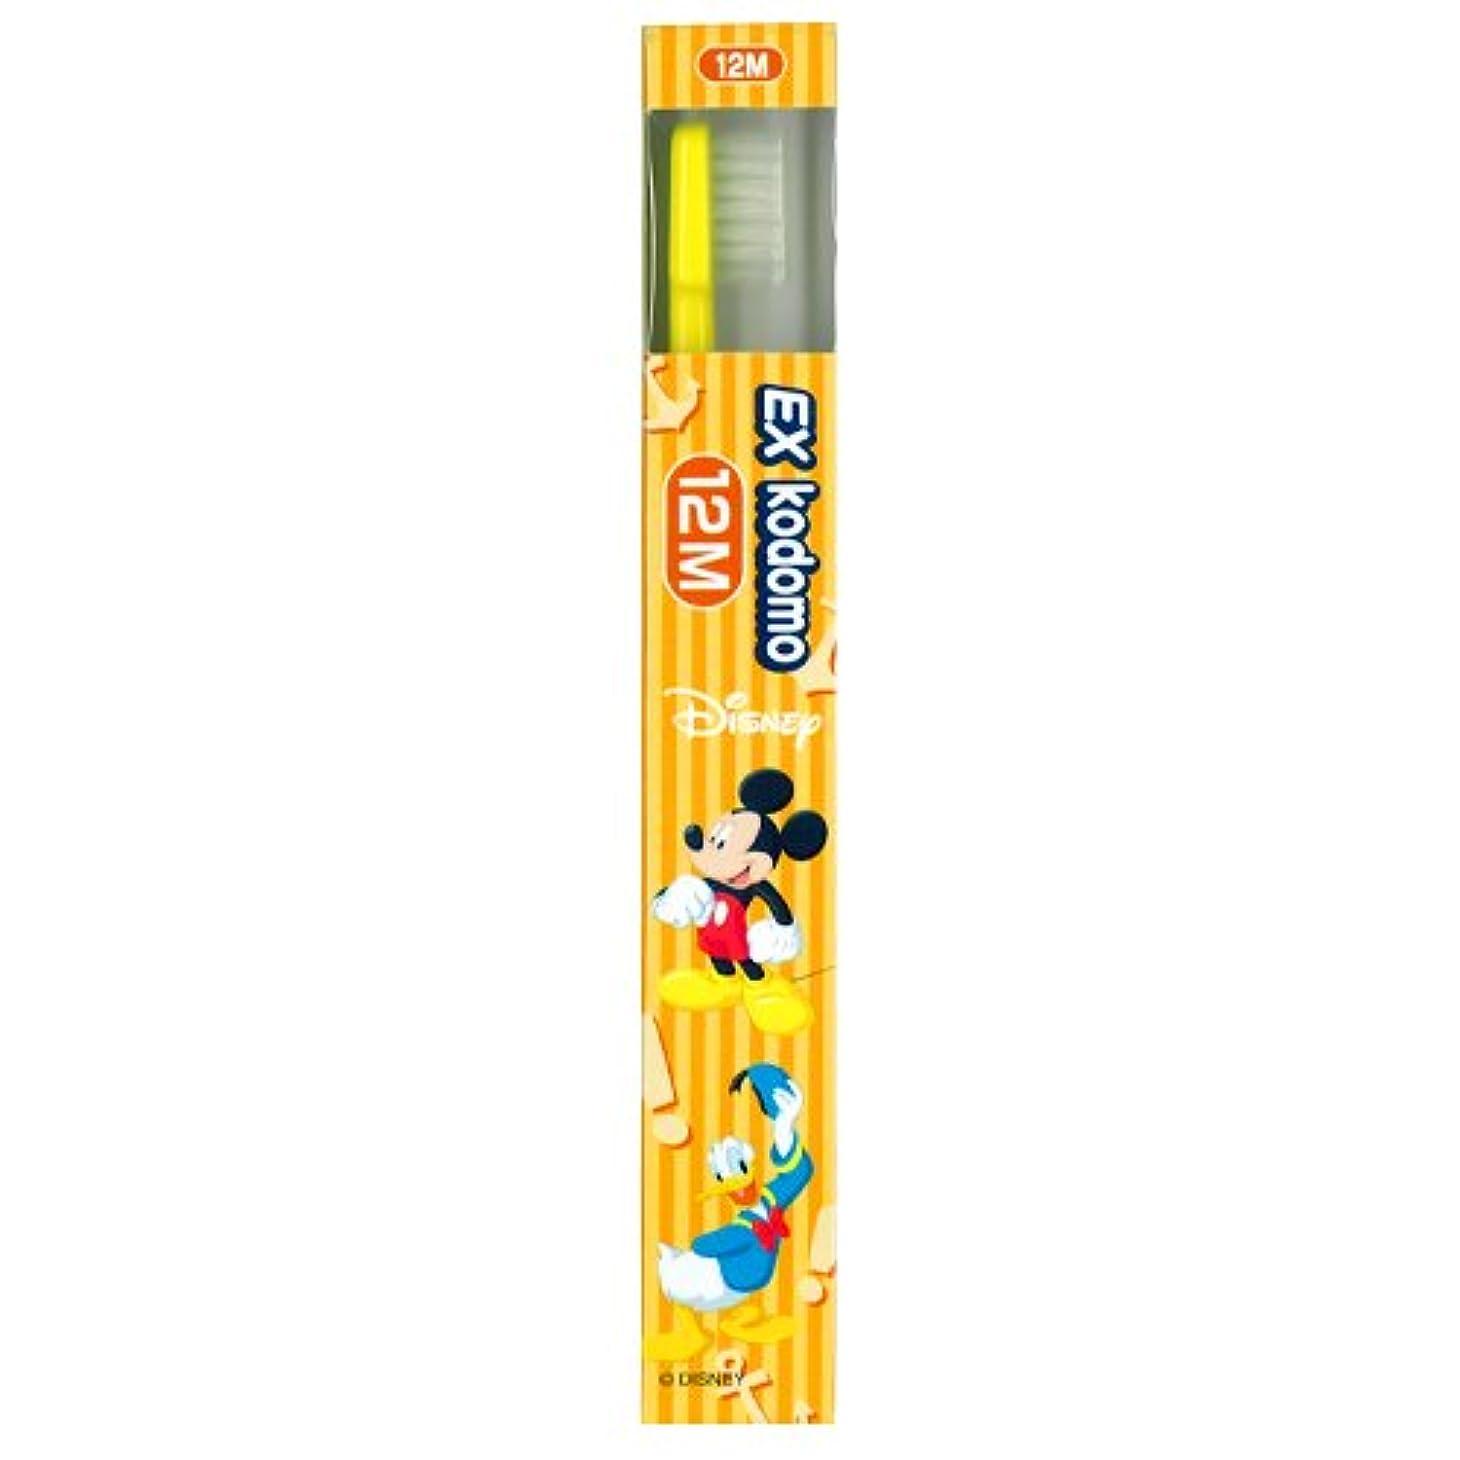 付録簡単に気味の悪いライオン EX kodomo ディズニー 歯ブラシ 1本 12M イエロー